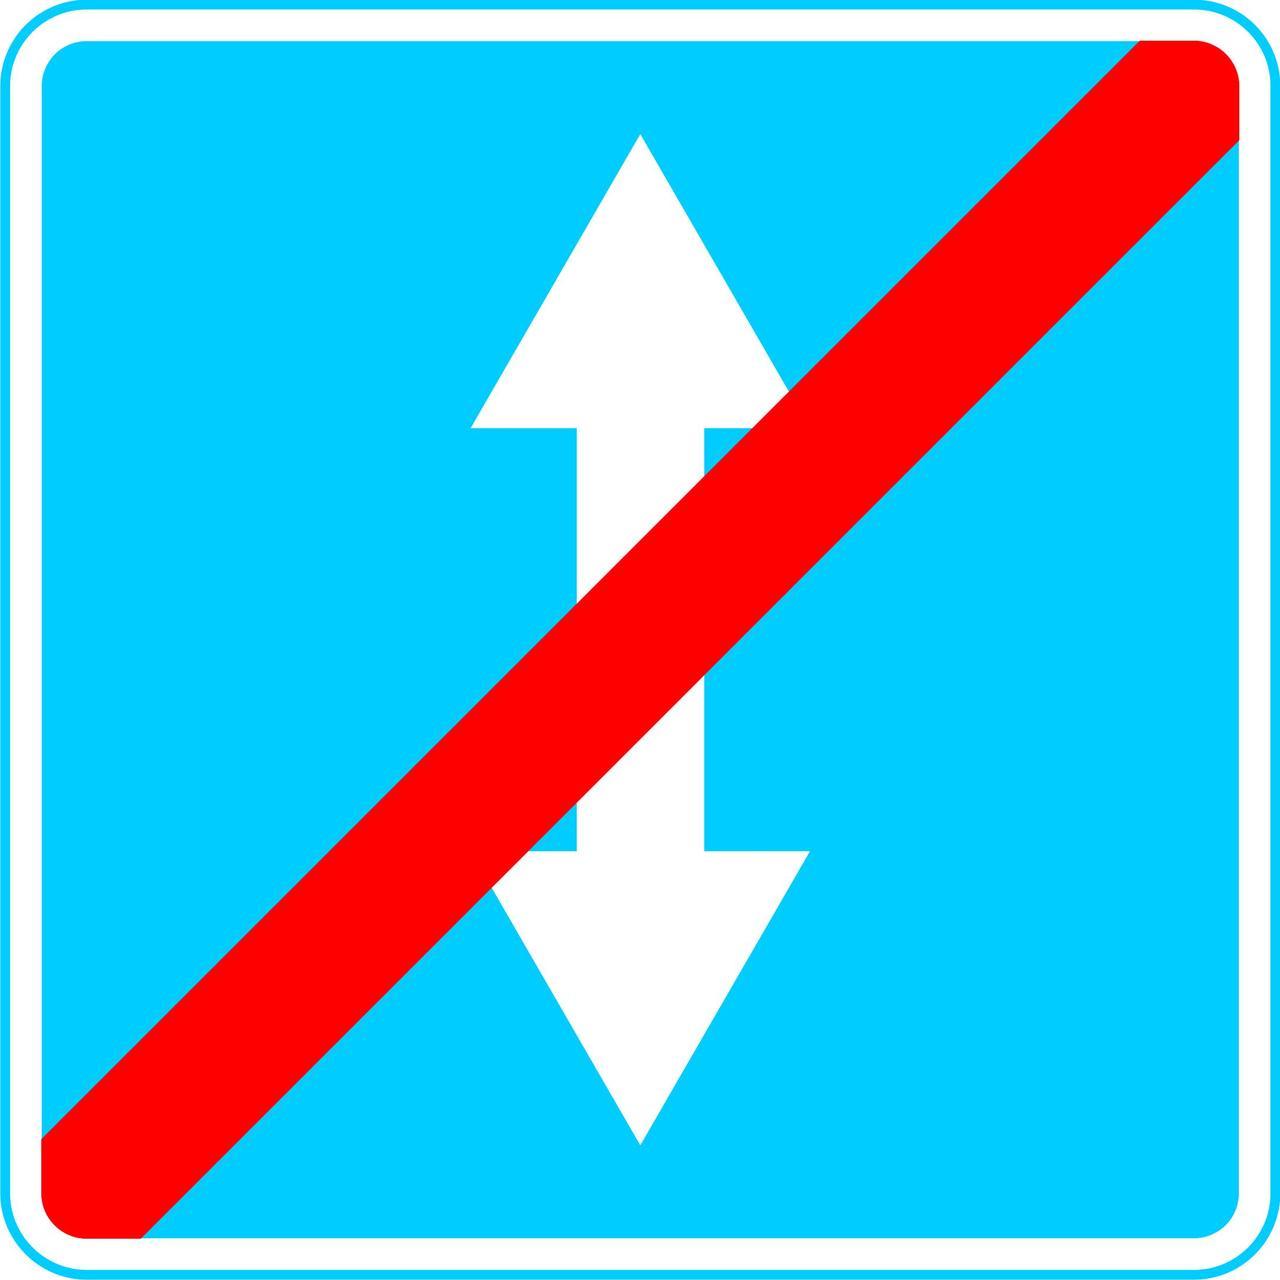 Знак 5.36 Конец реверсивного движения